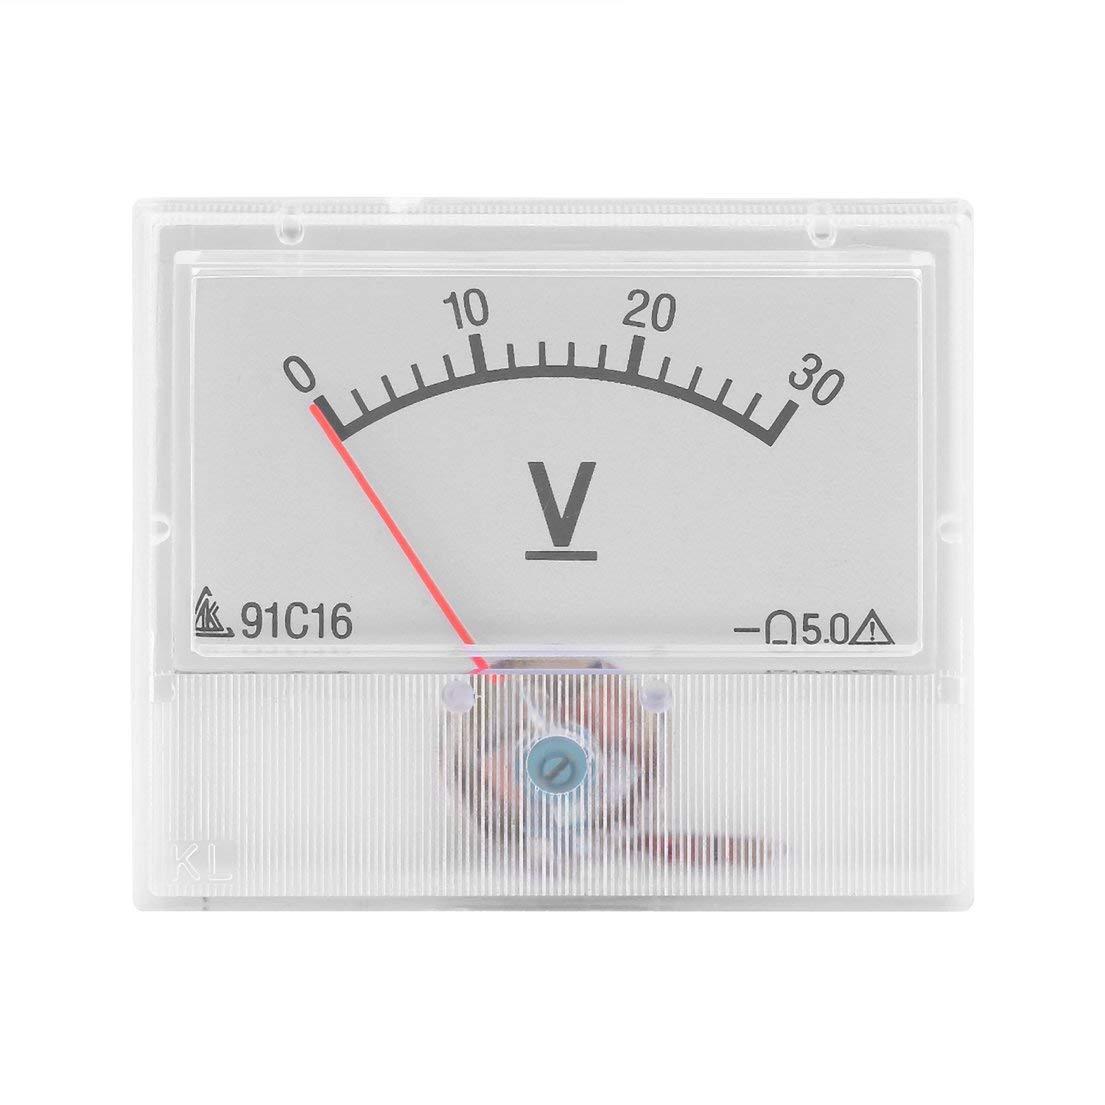 Profesional DC 0-30V Voltaje anal/ógico Medidor de panel Medidor de volt/ímetro con precisi/ón de clase 2.5 Port/átil y pr/áctico Blanco